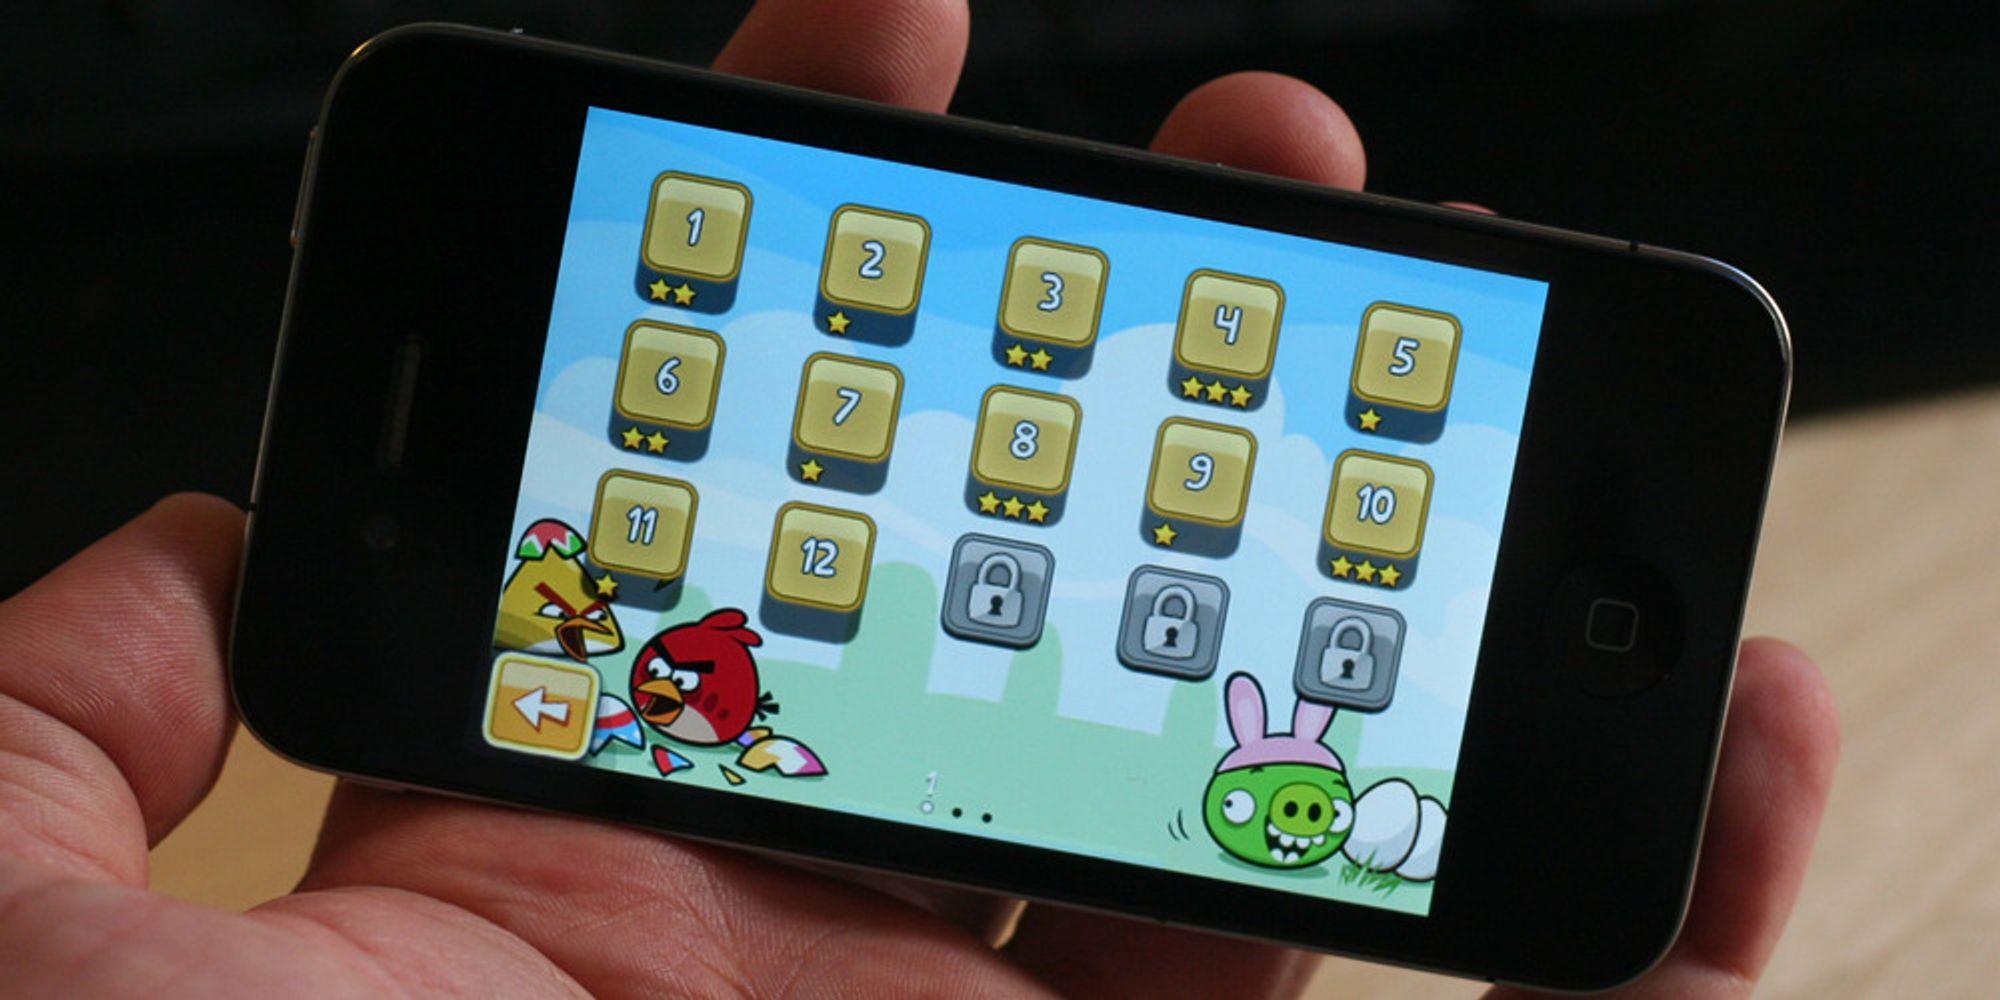 Påskeversjon av Angry Birds (selvfølgelig) tilgjengelig